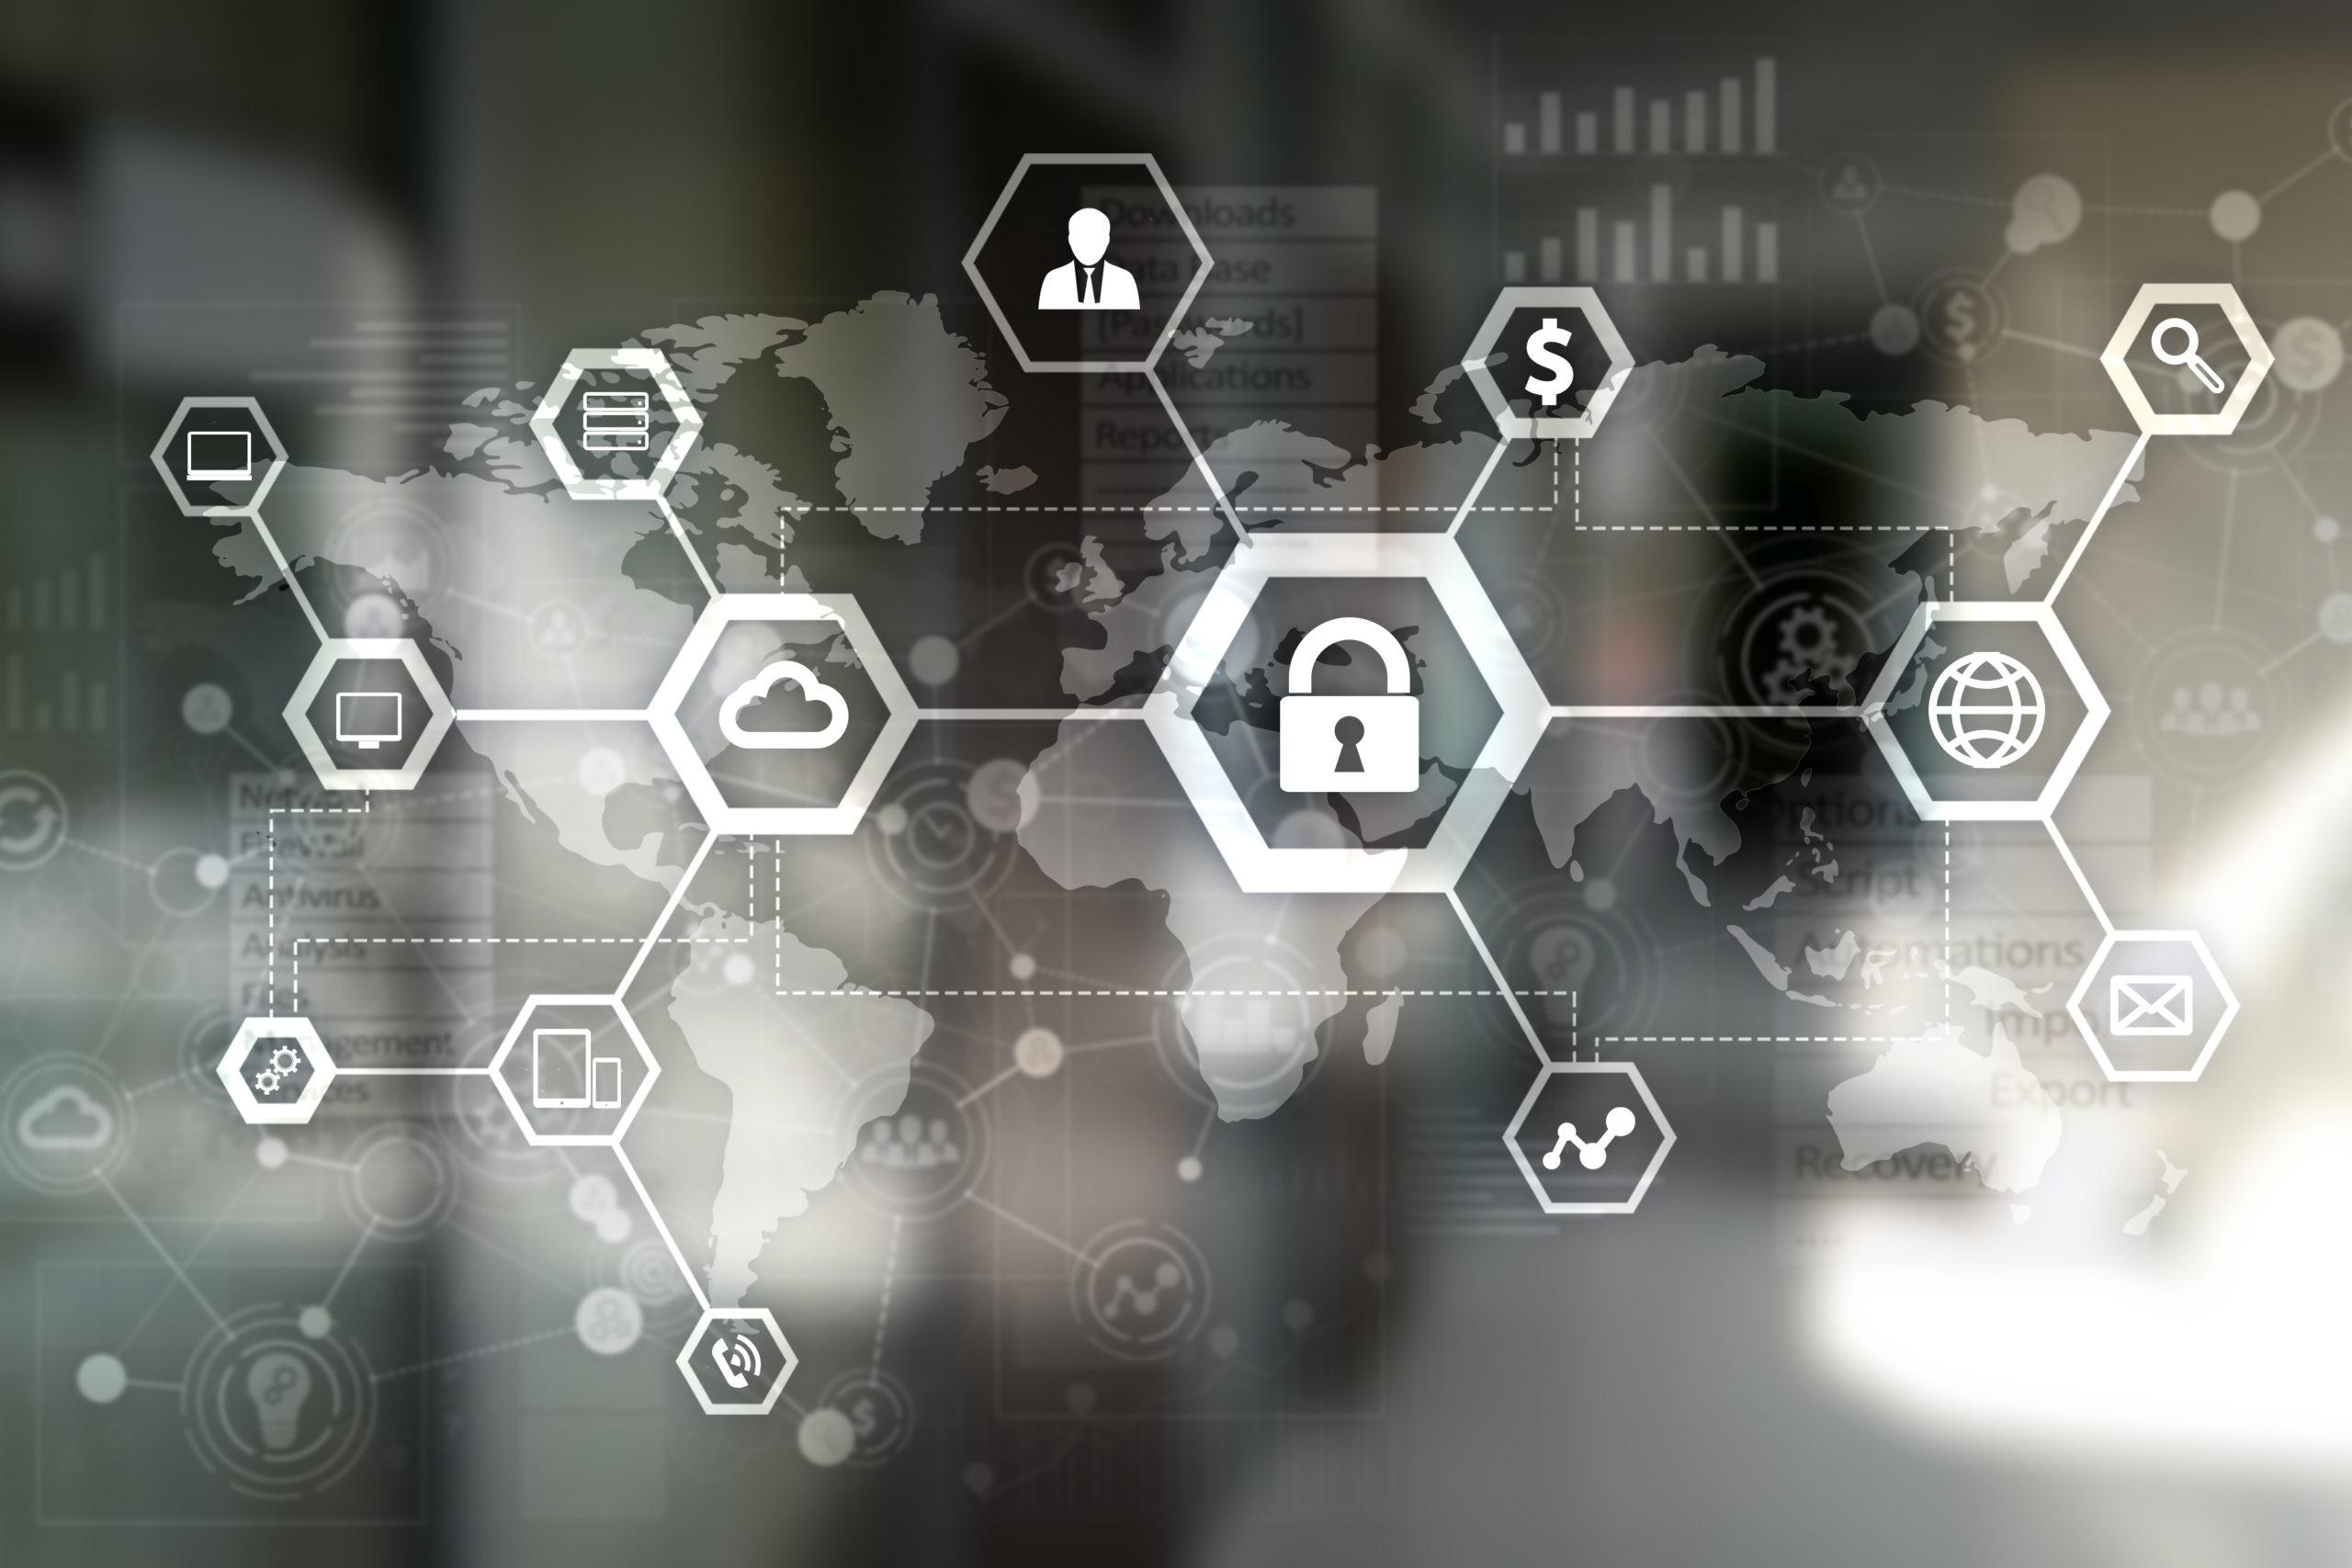 ביטול מנגנון ה-Privacy Shield: העברת מידע מהאיחוד האירופי לארצות הברית דורשת חשיבה מחודשת